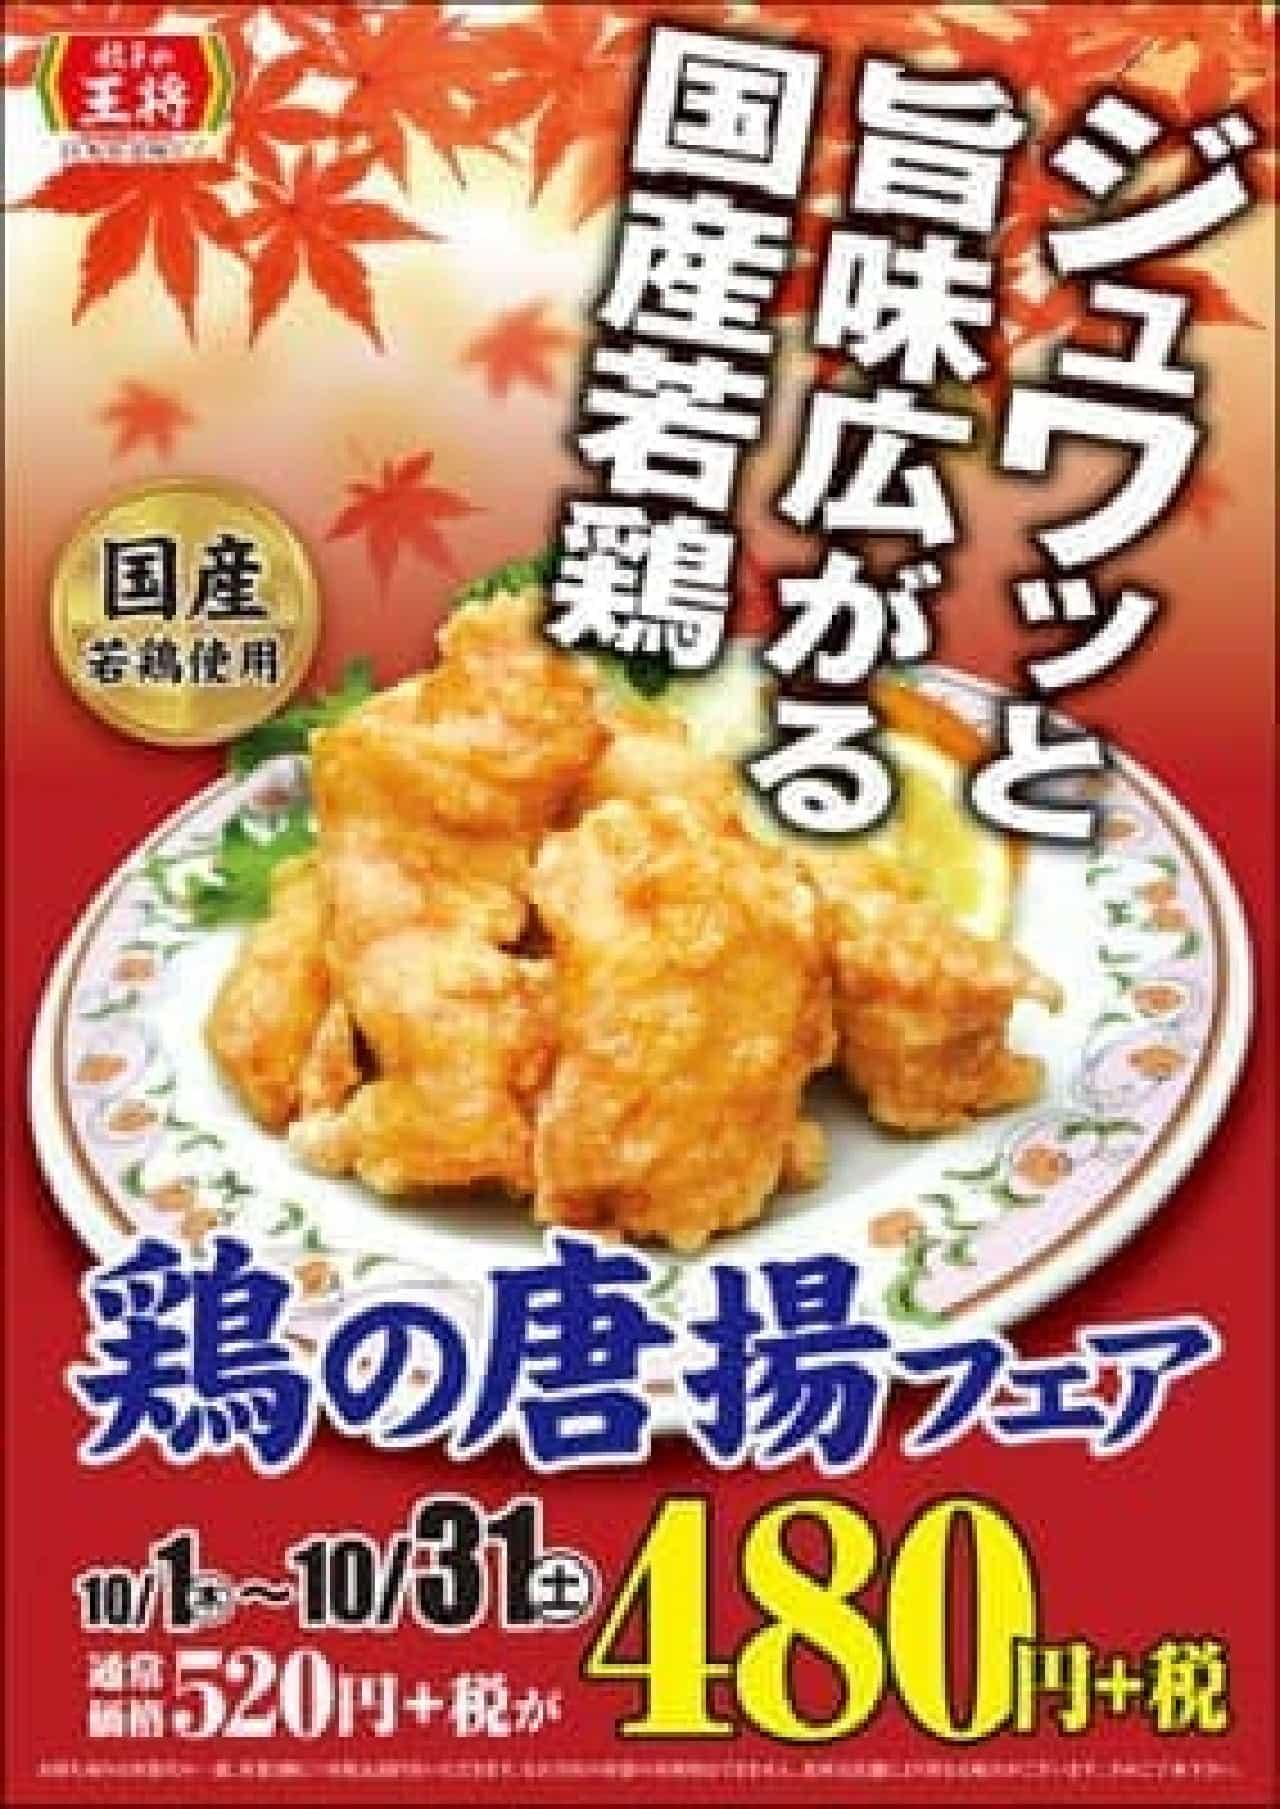 餃子の王将でオトクなフェア!